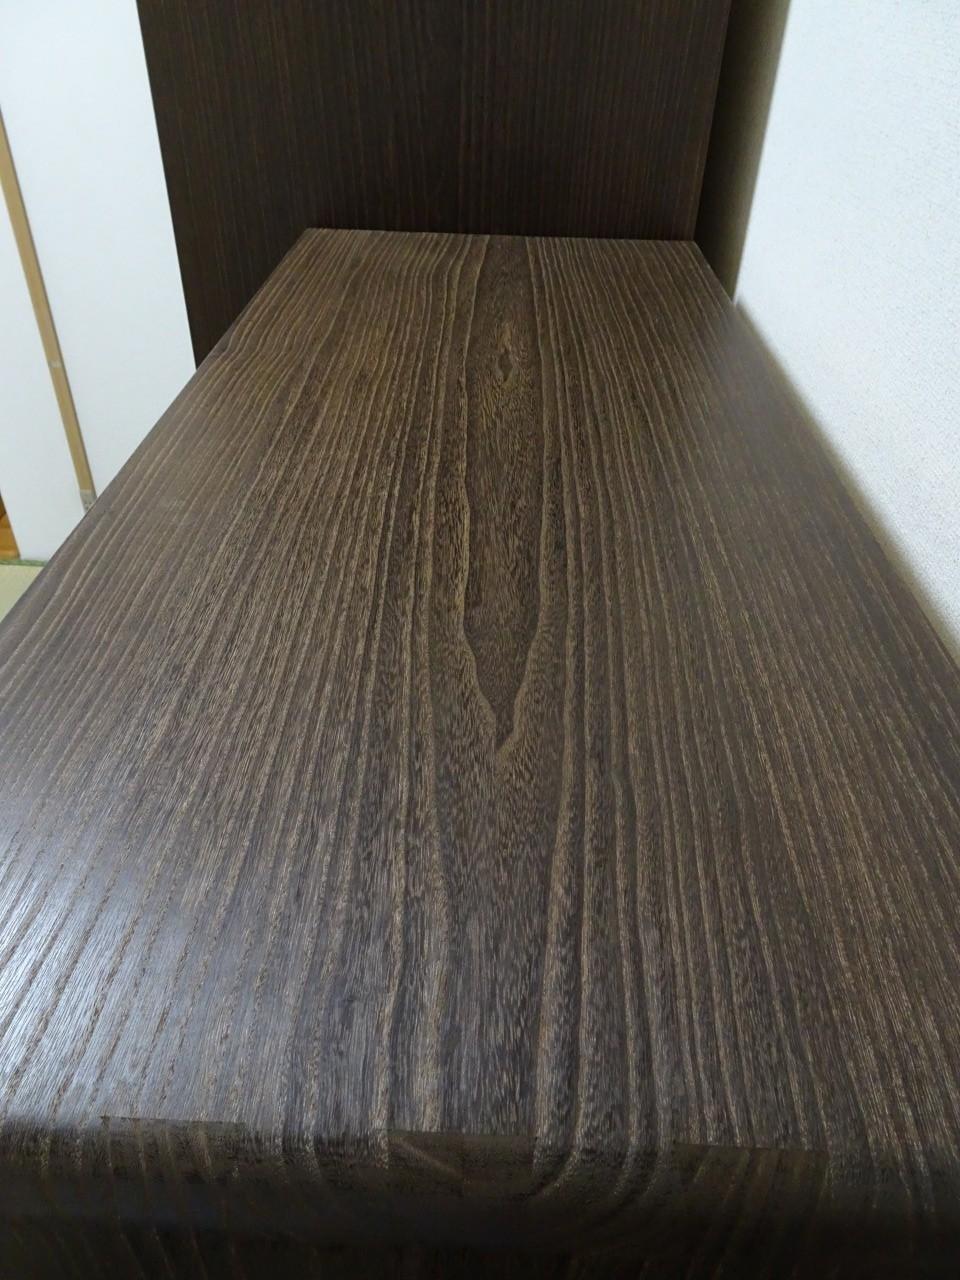 大阪泉州桐箪笥 焼桐天丸小袖箪笥の天板の杢目の拡大写真